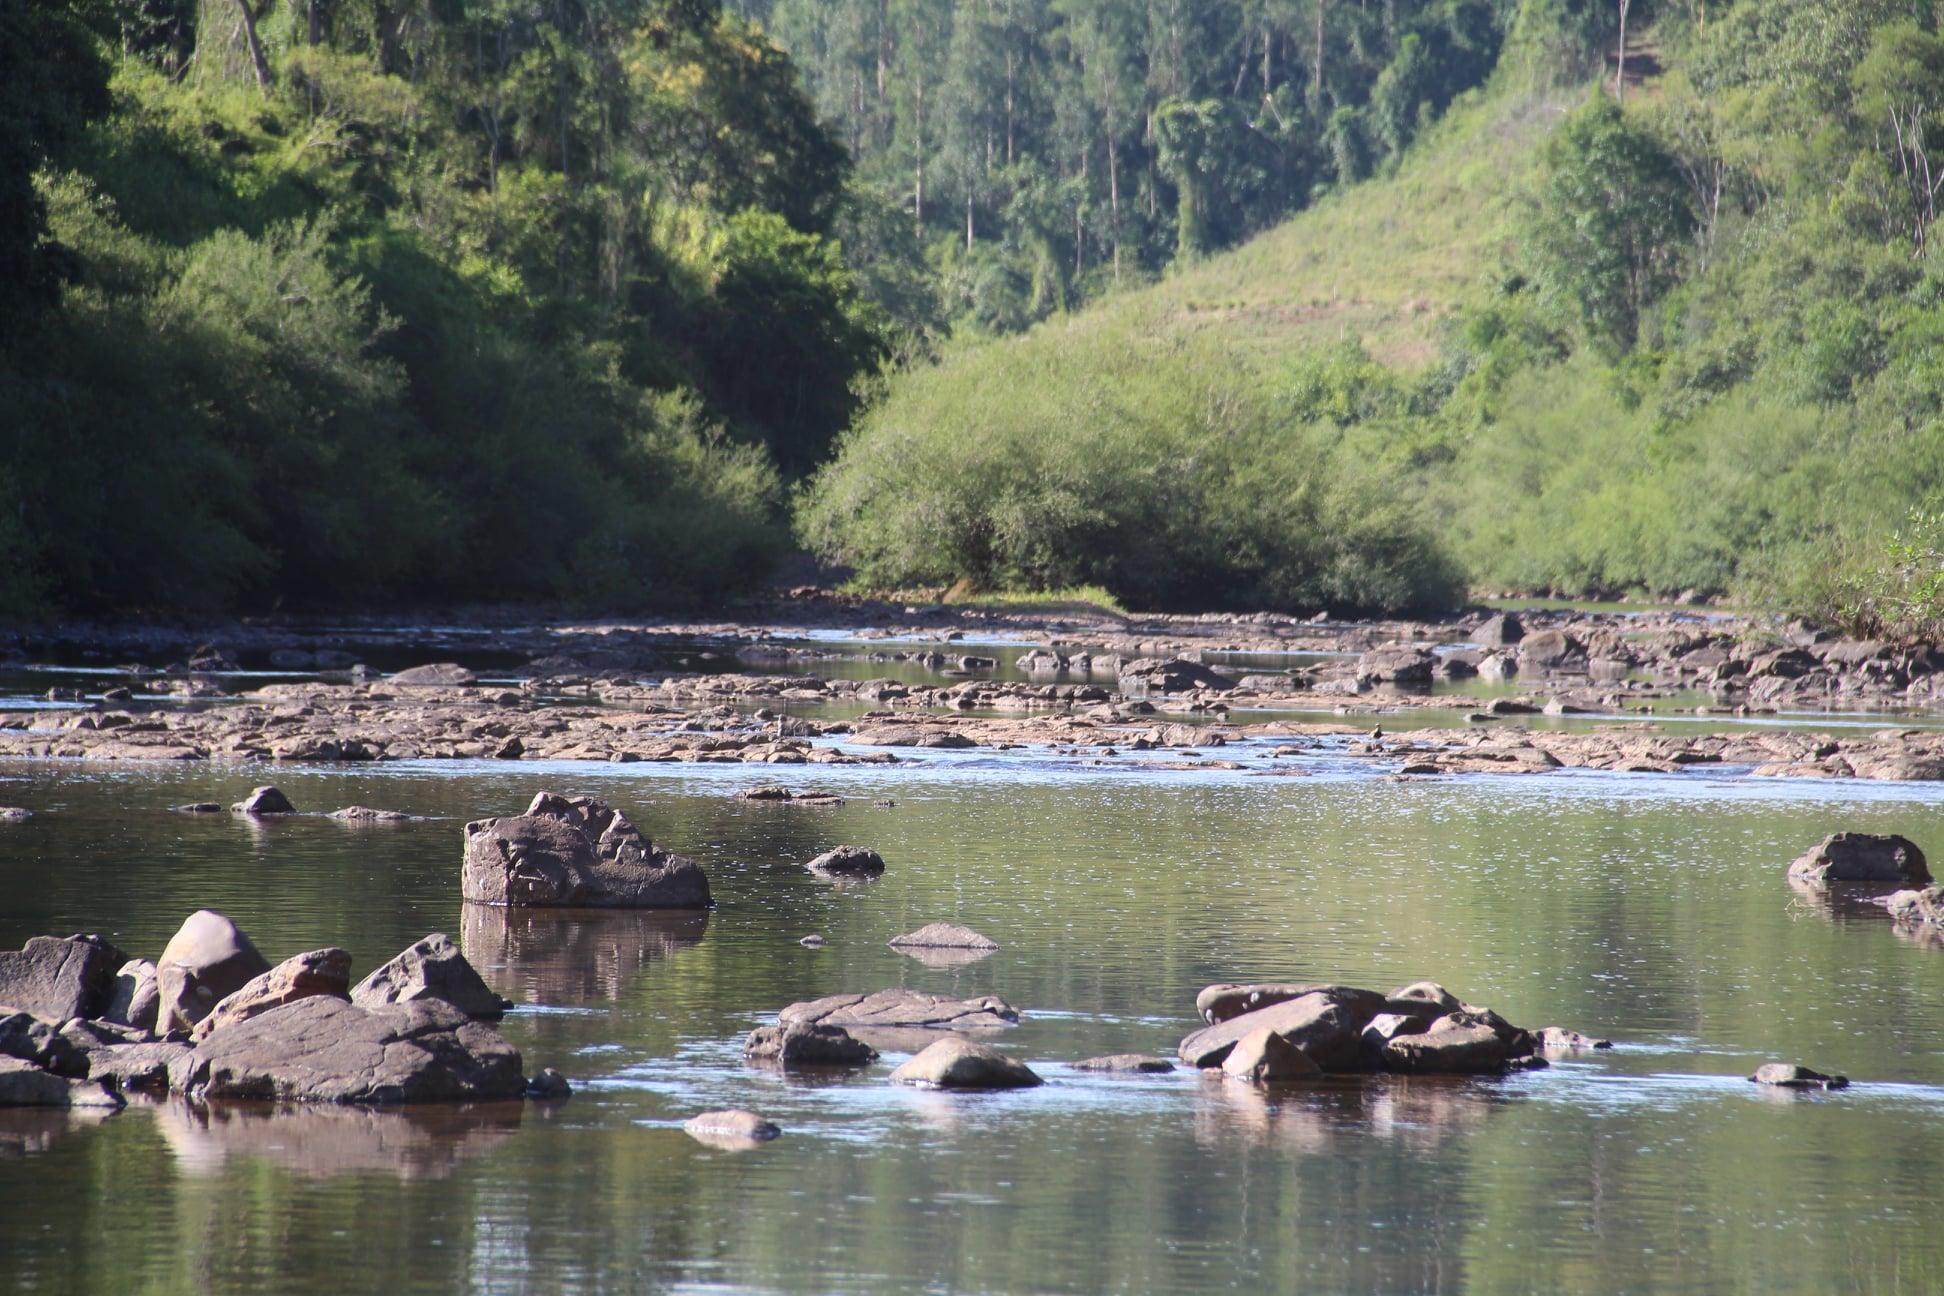 Efeitos da estiagem em rios e riachos no município de Itapiranga